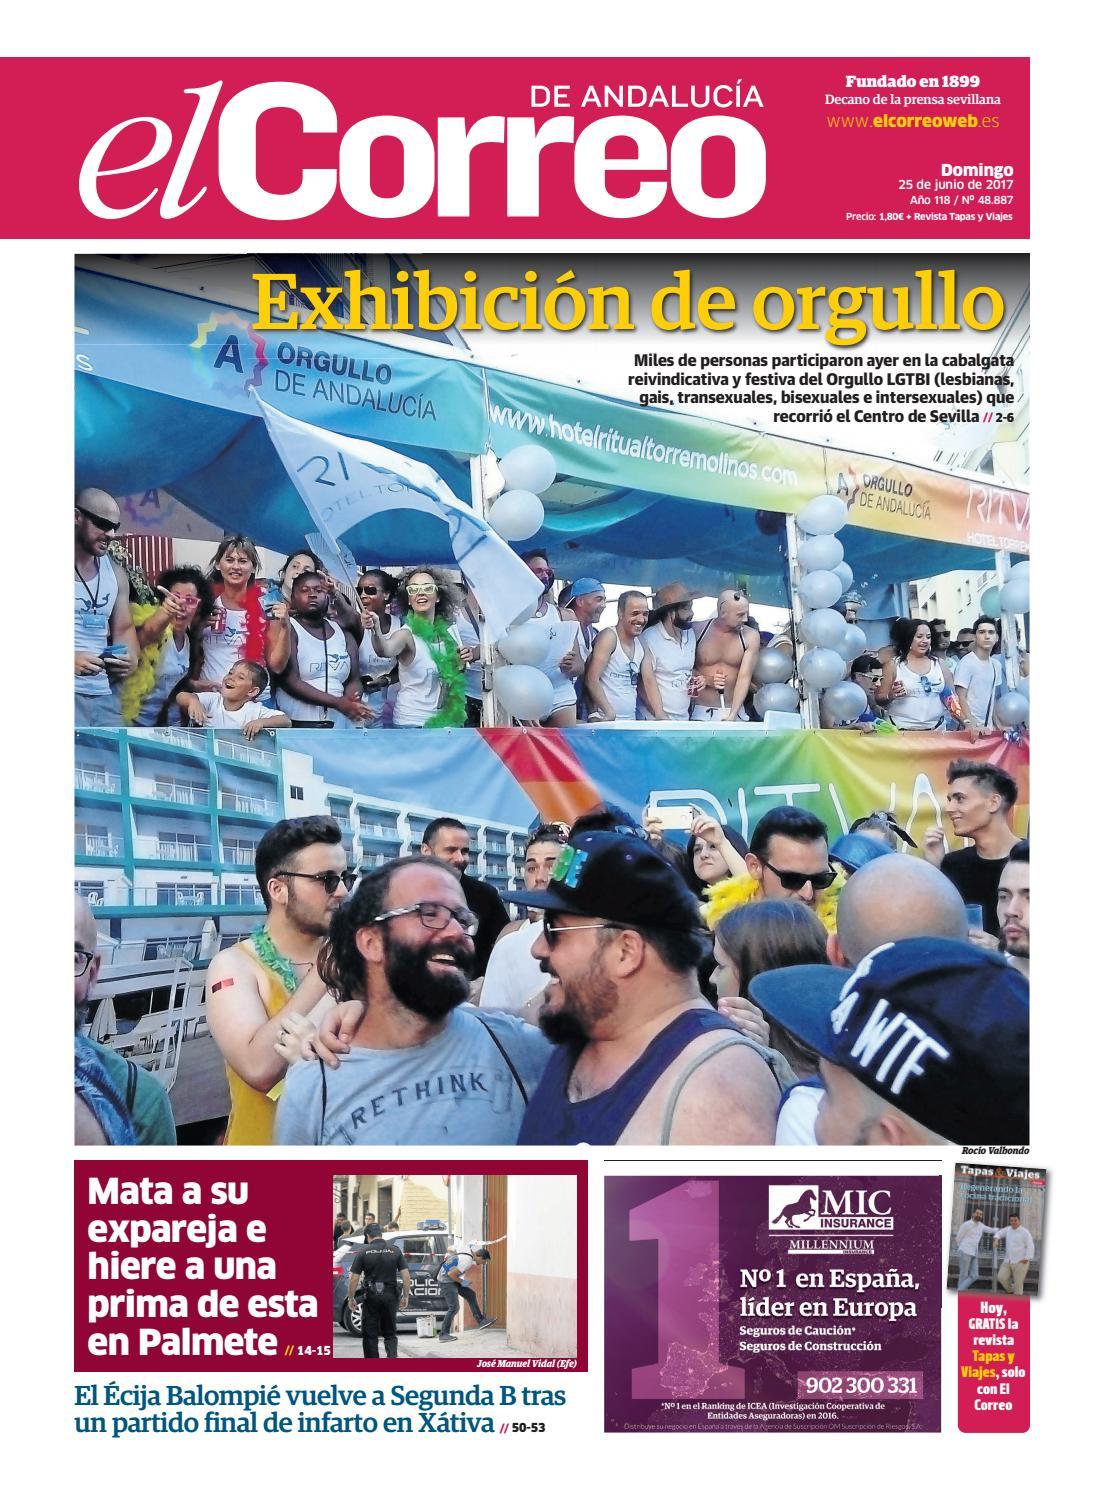 13263b520b3d7 25 06 2017 El Correo de Andalucía by EL CORREO DE ANDALUCÍA S.L. - issuu